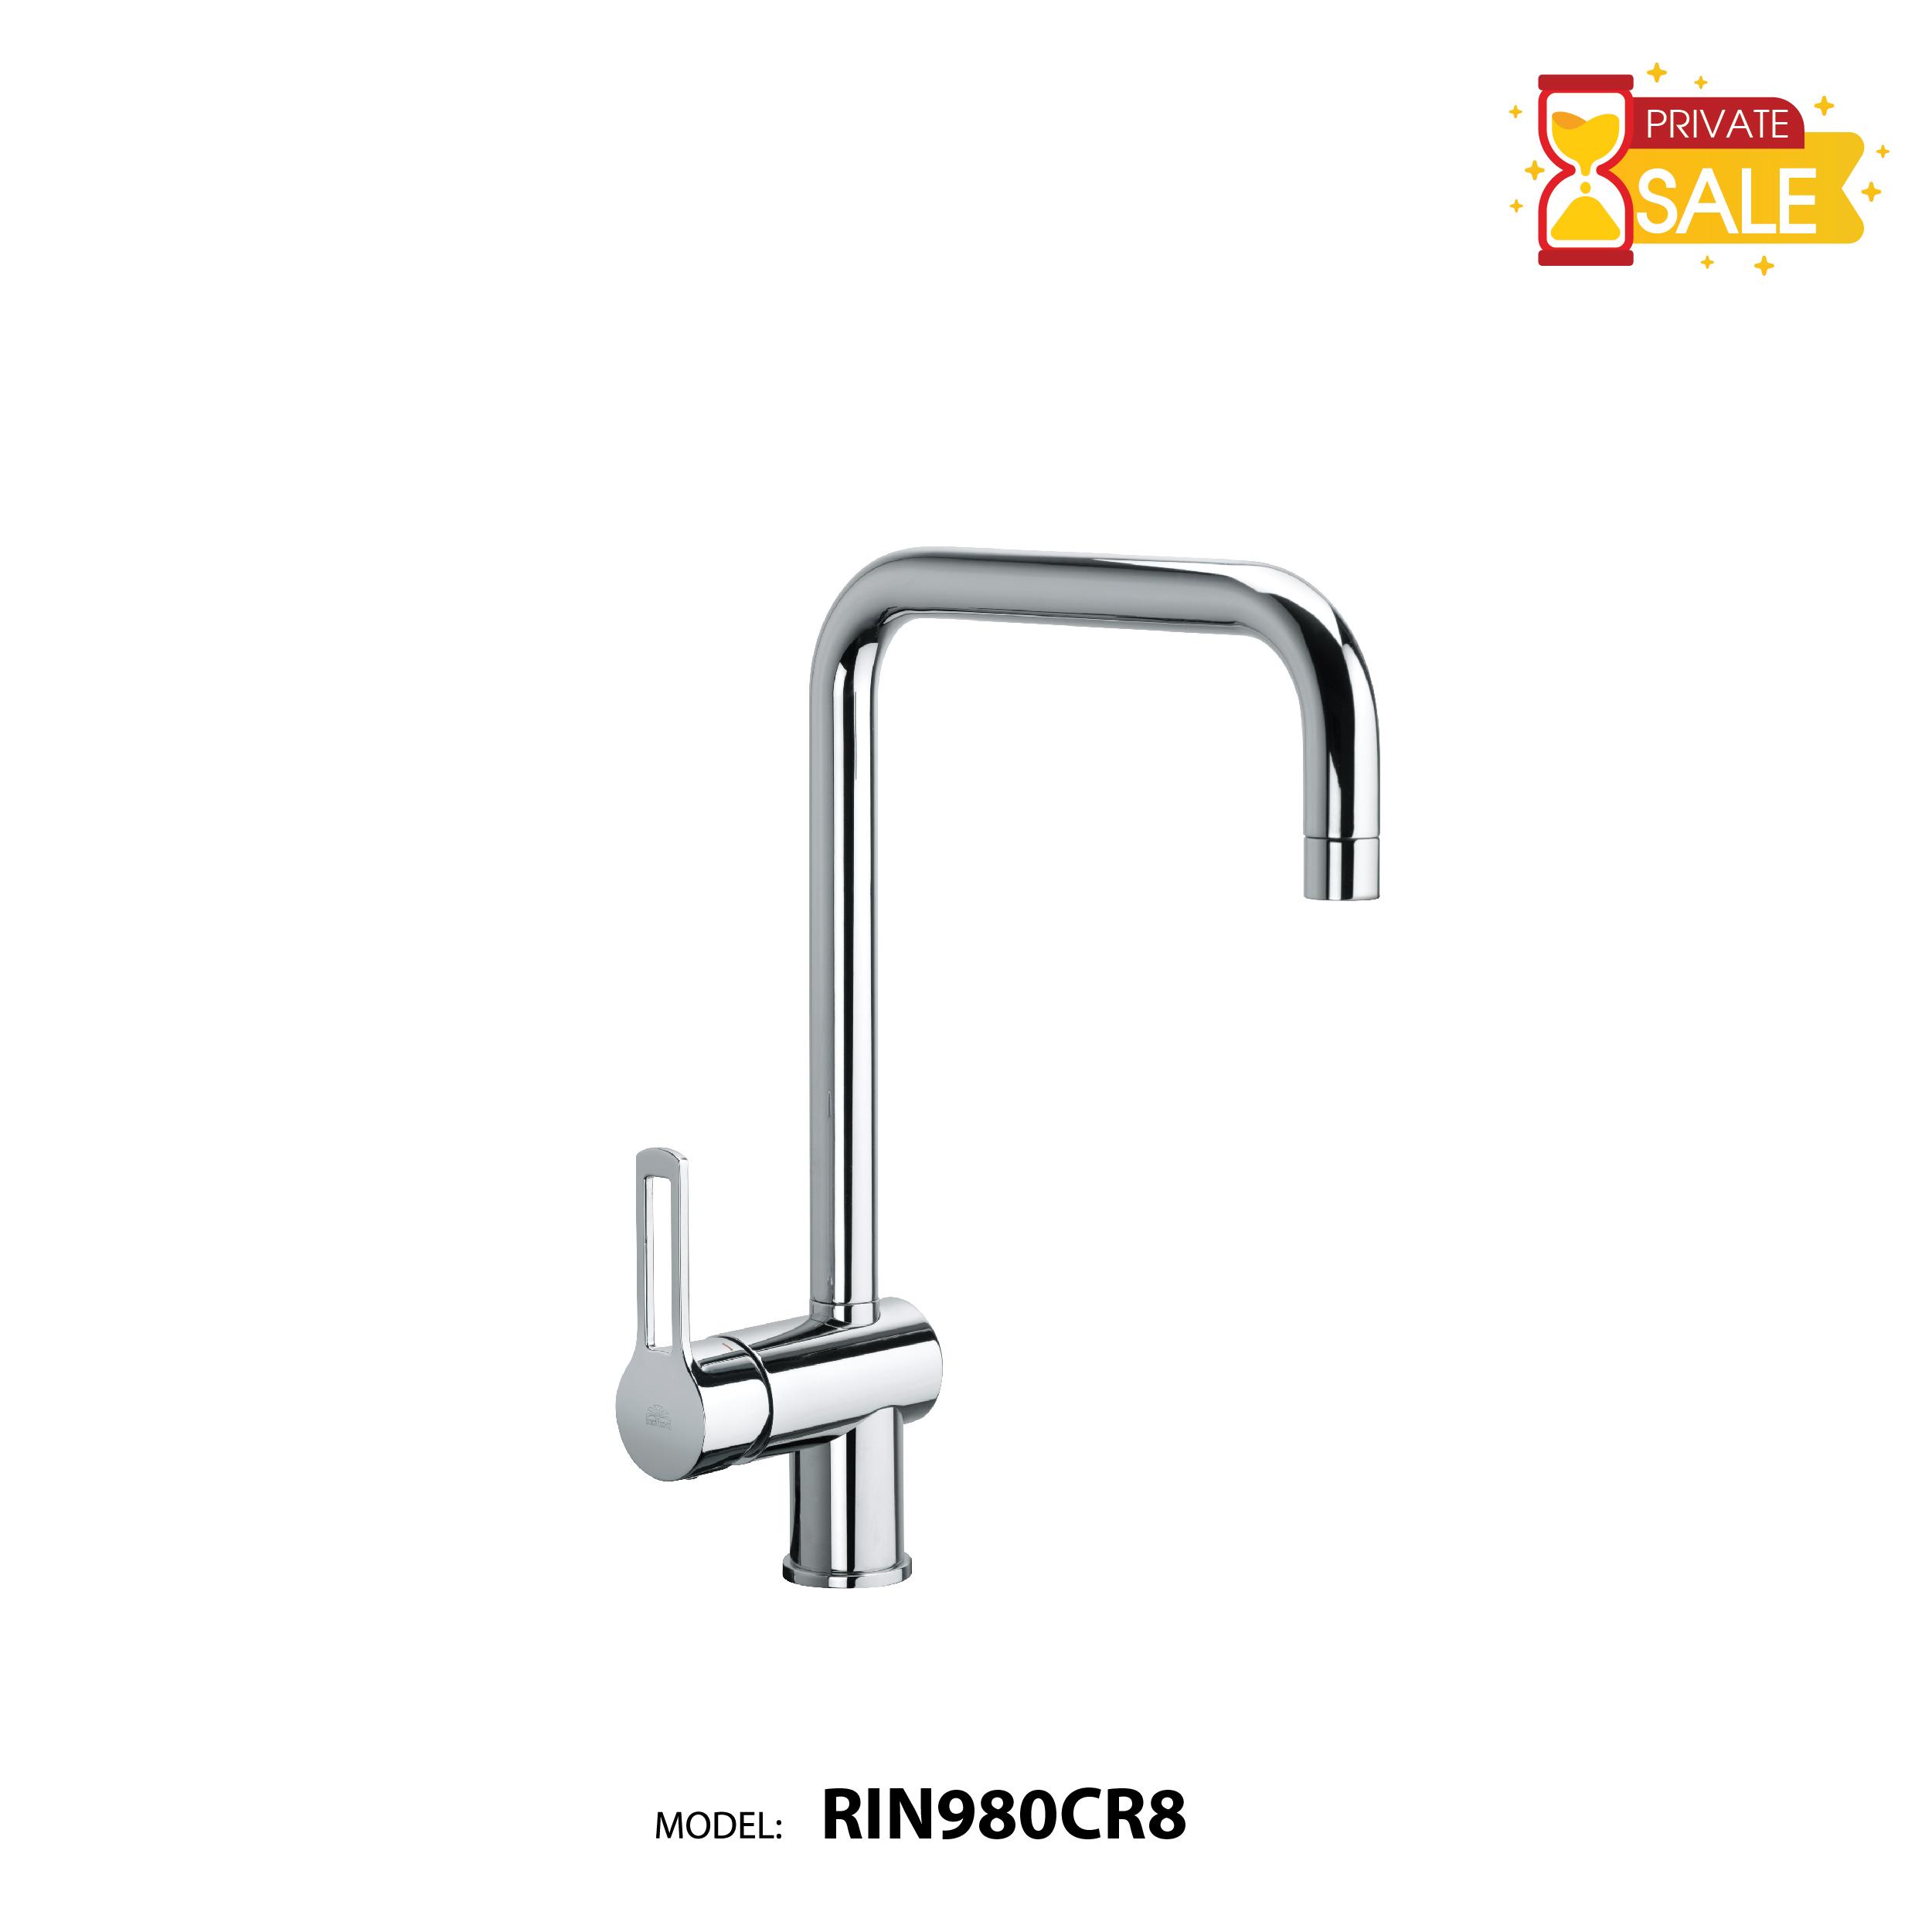 VÒI CHẬU NÓNG LẠNH PAFFONI RIN980CR8 (Vòi lavabo model: RIN980CR8)